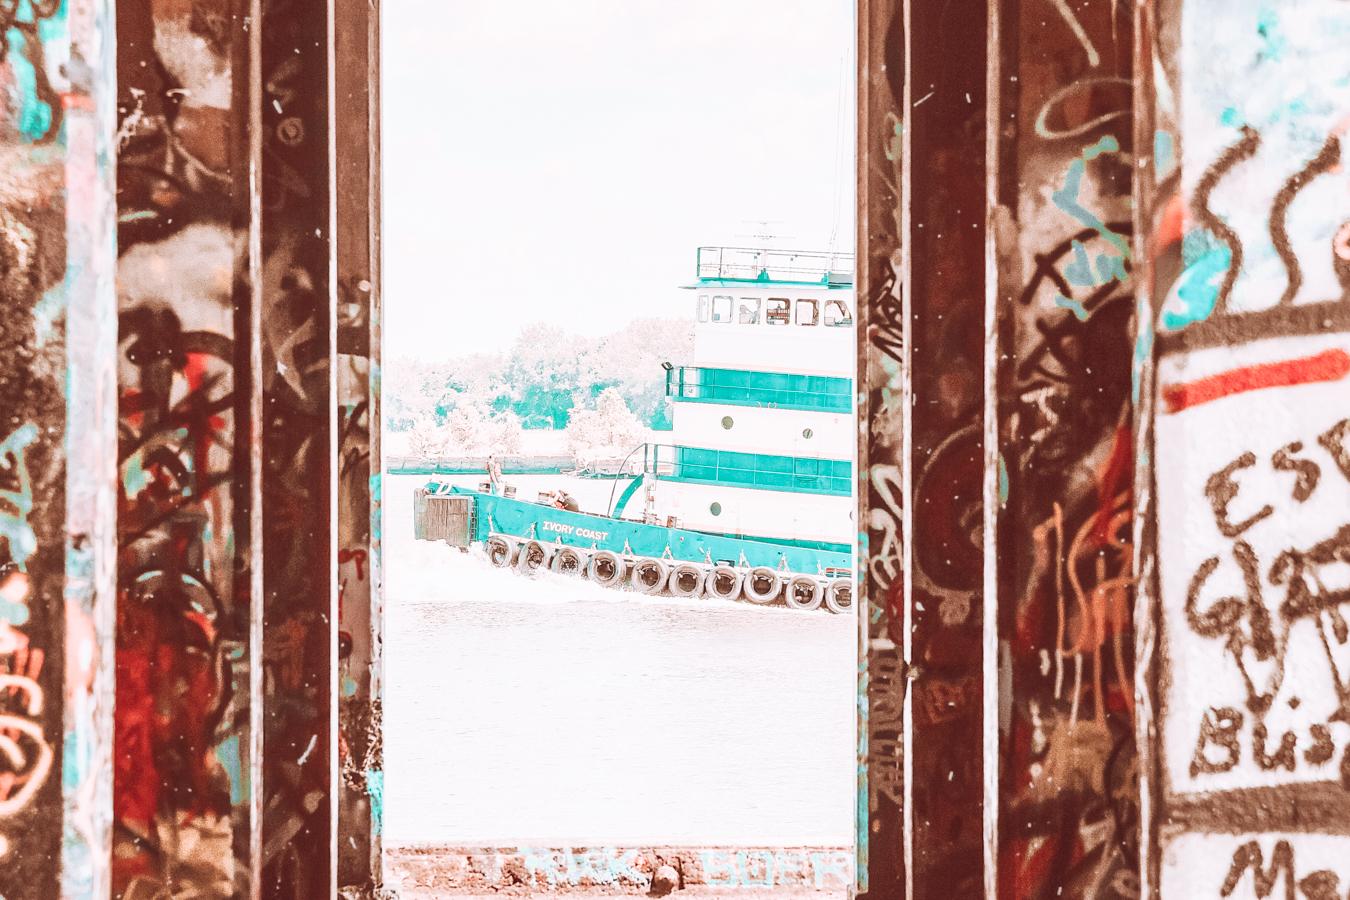 Instagrammable graffiti in Philadelphia